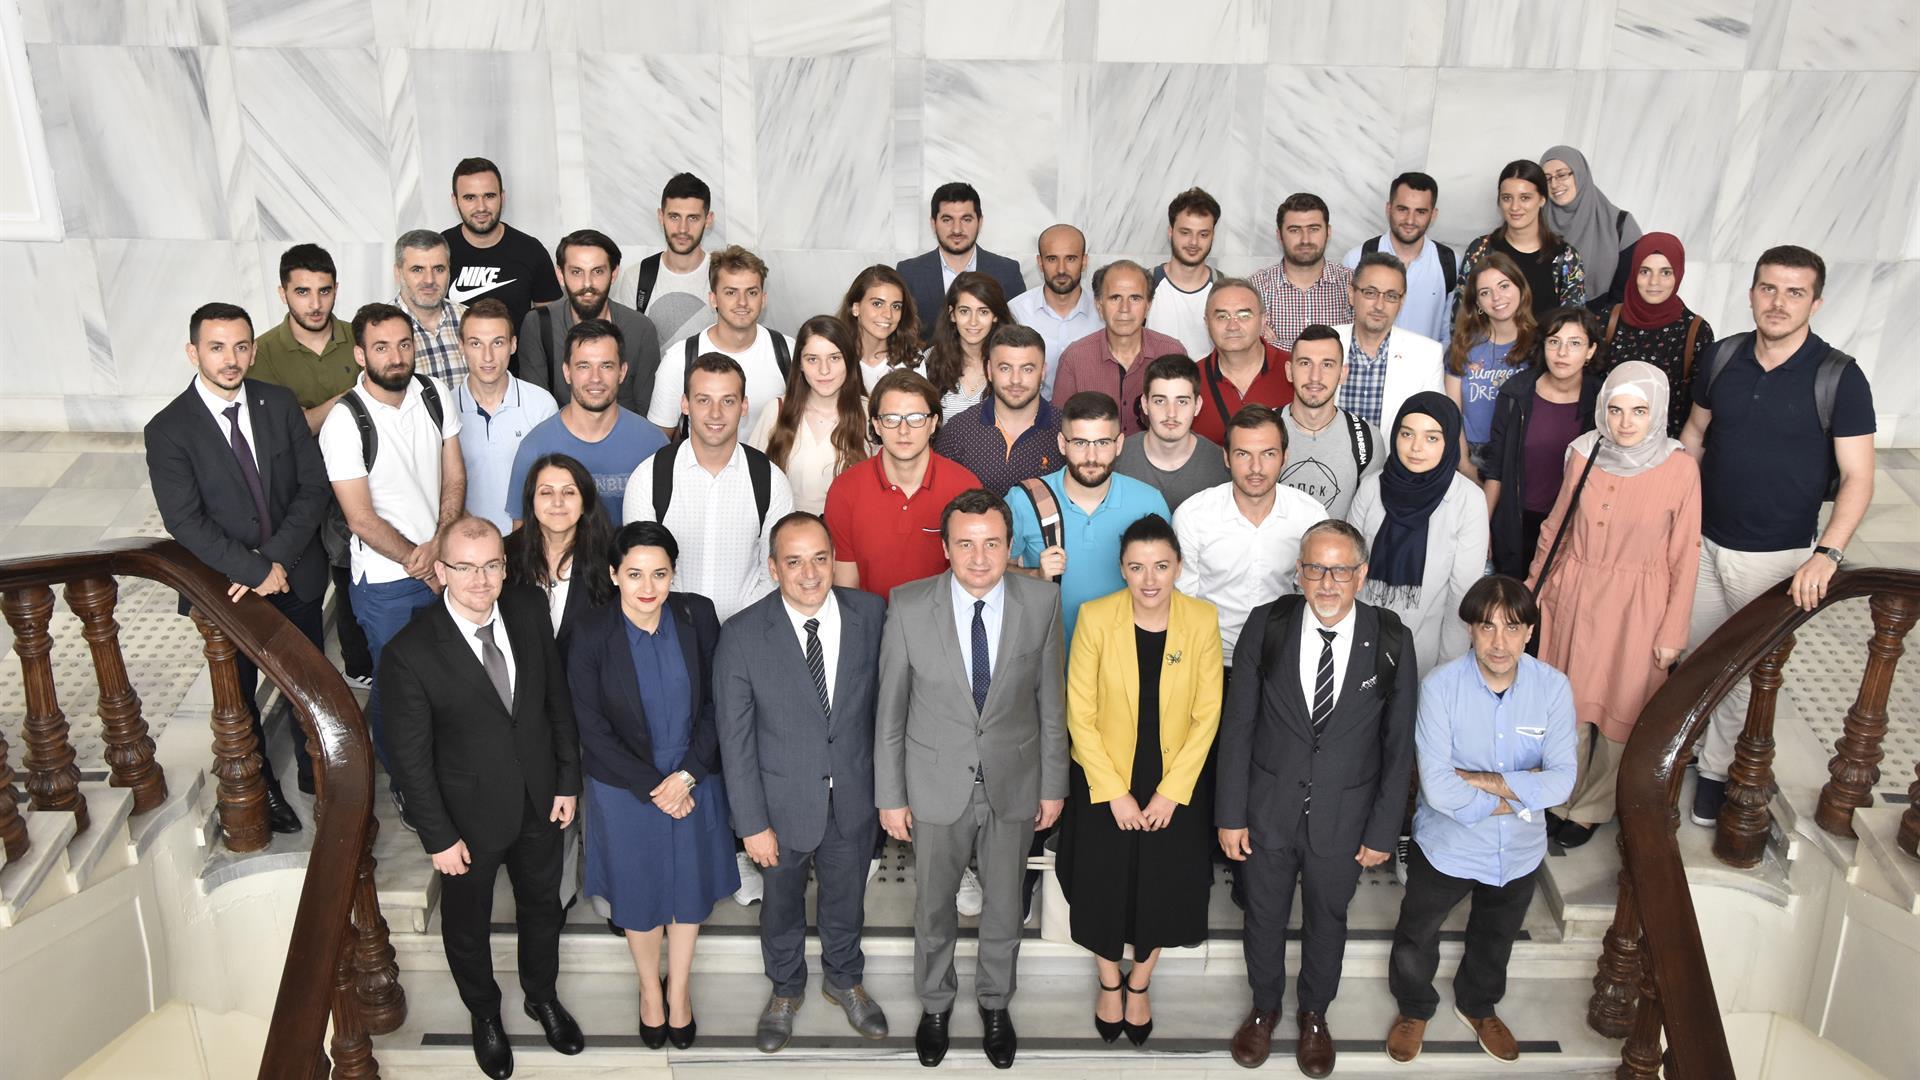 """İstanbul-Üniversitesi'nde-""""Arnavut-Öğrencilerin-'Kendin-Karar-Al-Hareketi'-Milletvekilleri-İle-İstanbul-Buluşması""""-Gerçekleştirildi"""